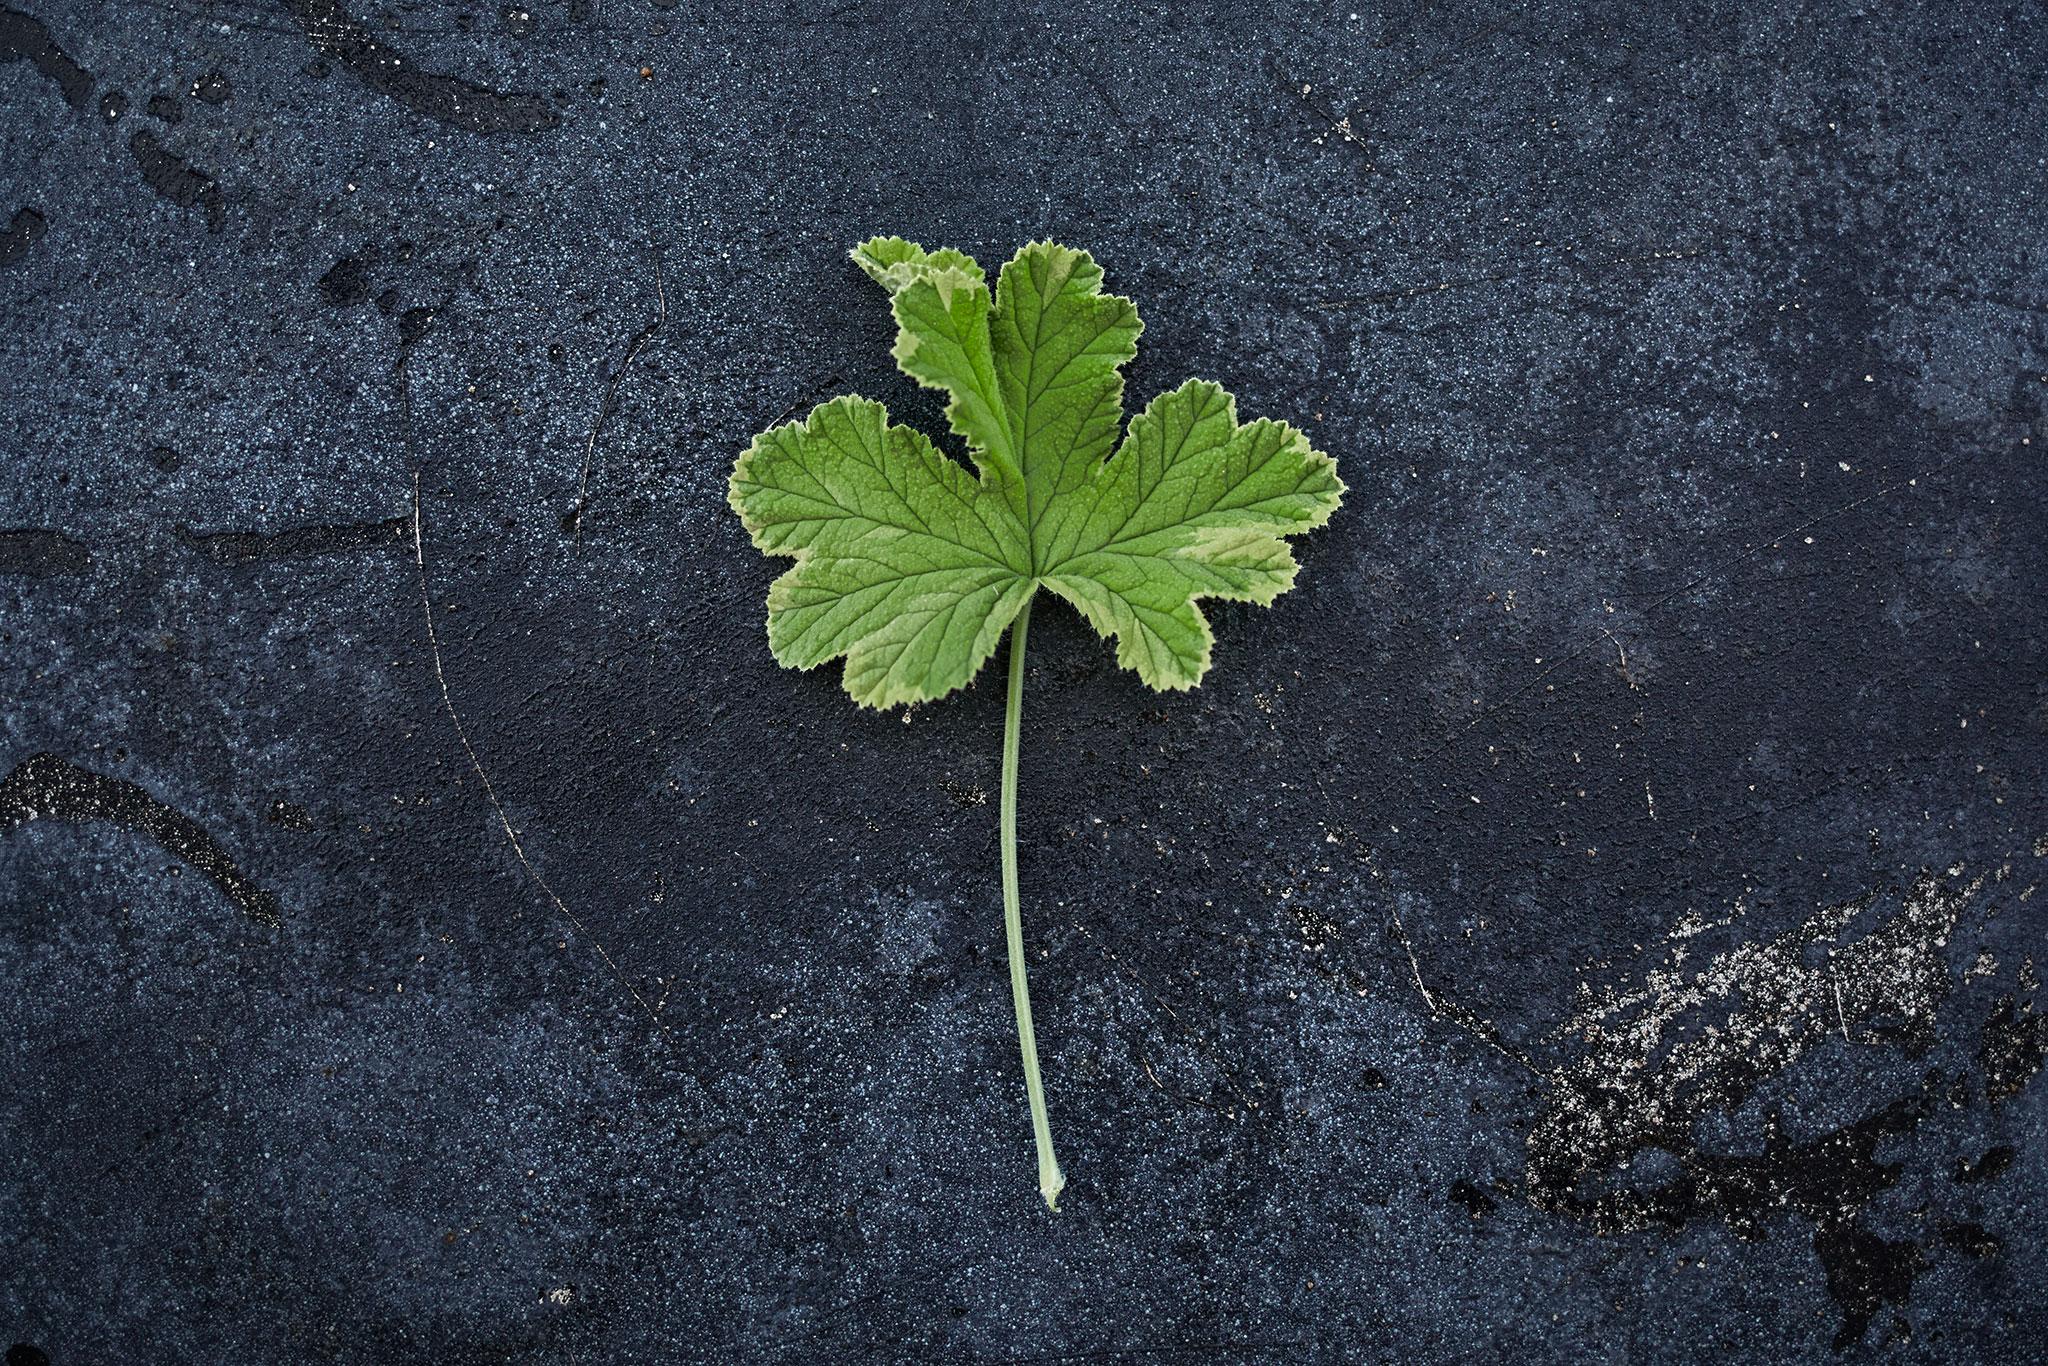 Pelargonium 'Golden Clorinda' - (Doftpelargon-Gruppen)Doft av ceder. Intensivt sericerosa blommor. Bladen skiftar i friskt grönt och guldgula nyanser, djupt flikade med mjukt tandad kant. Buskigt växtsätt.Pris: 55:-